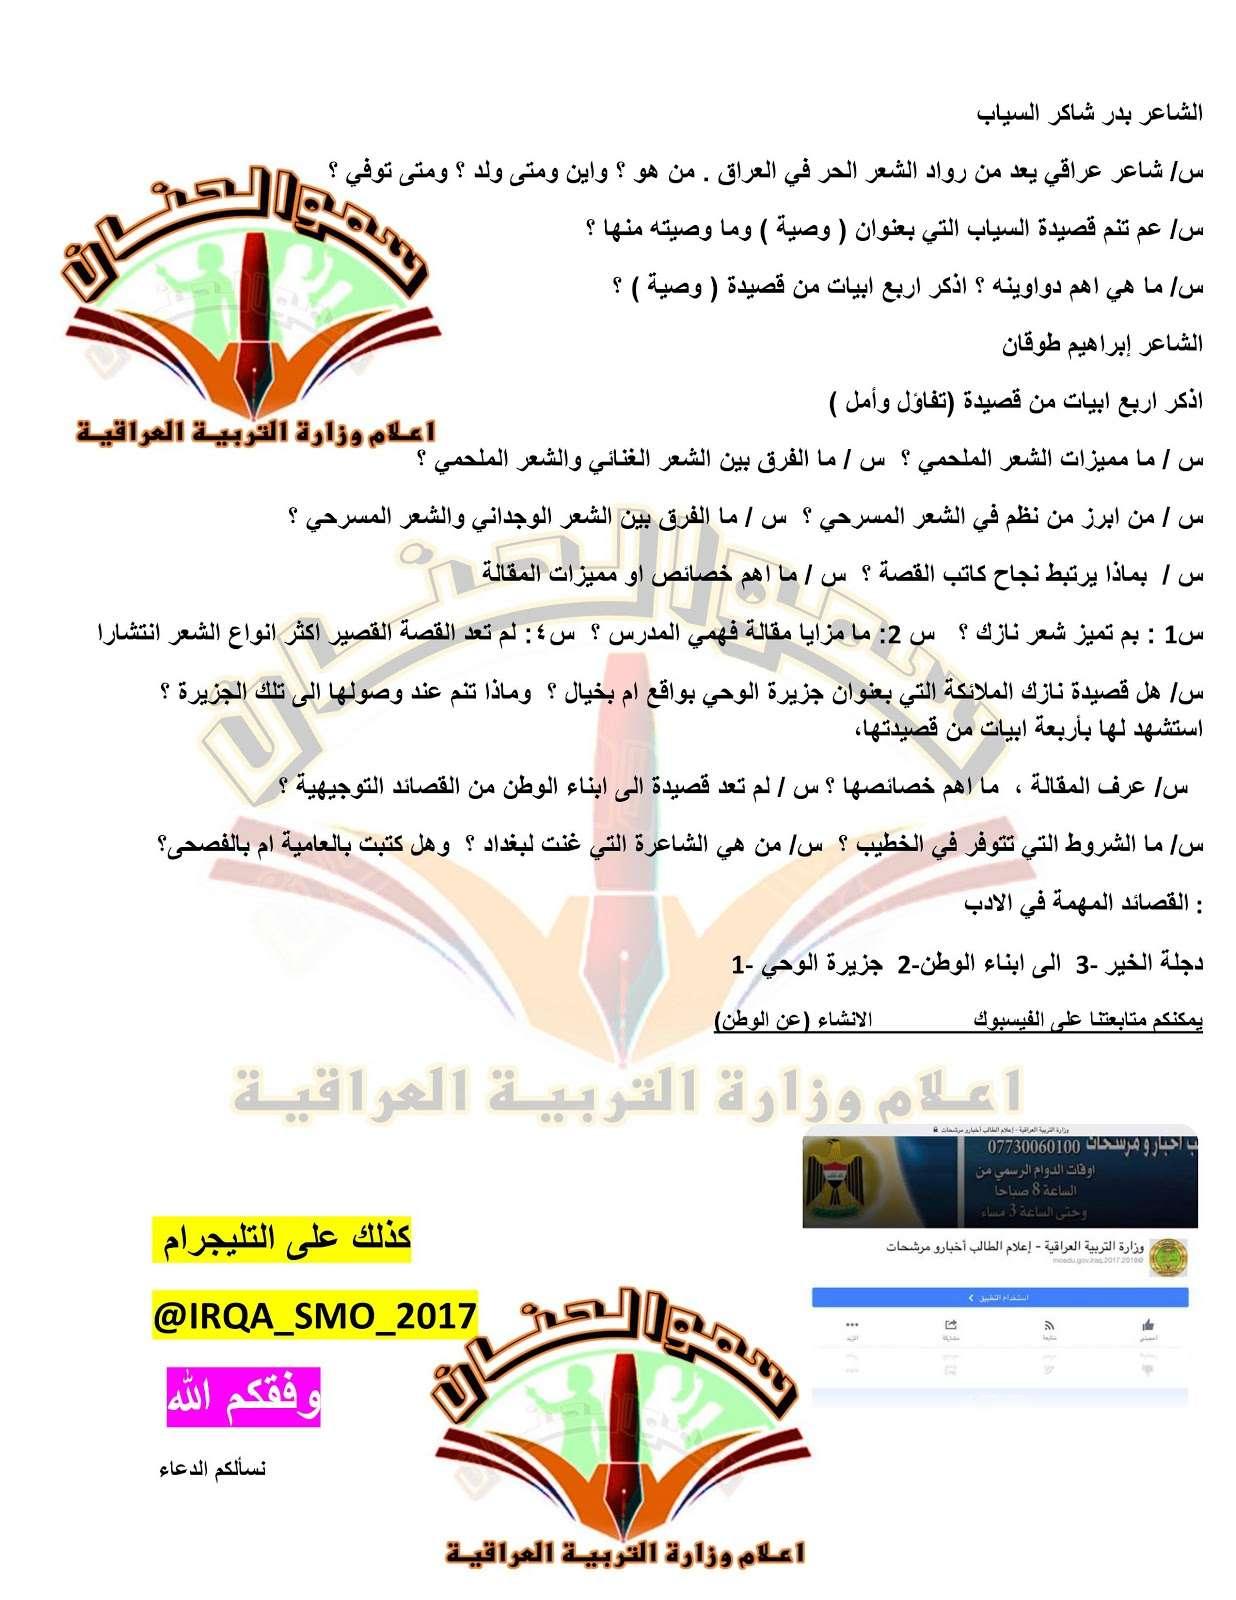 مرشحات مادة العربي  لنصف السنة للصف الثالث متوسط 2019 Zz10